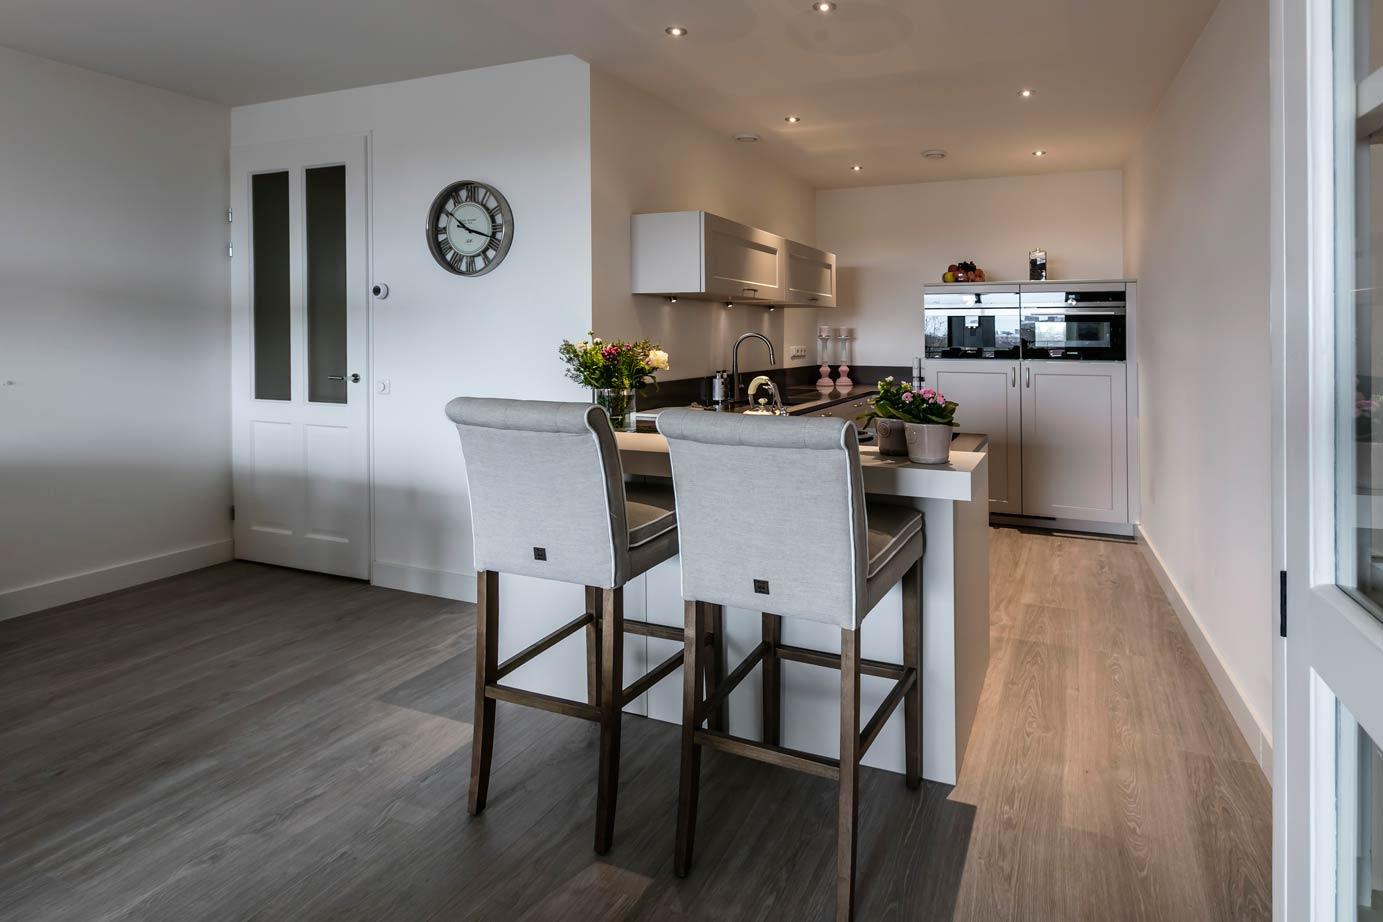 Landelijk Moderne Keukens : Landelijk moderne keuken kopen in diemen lees klantervaring db